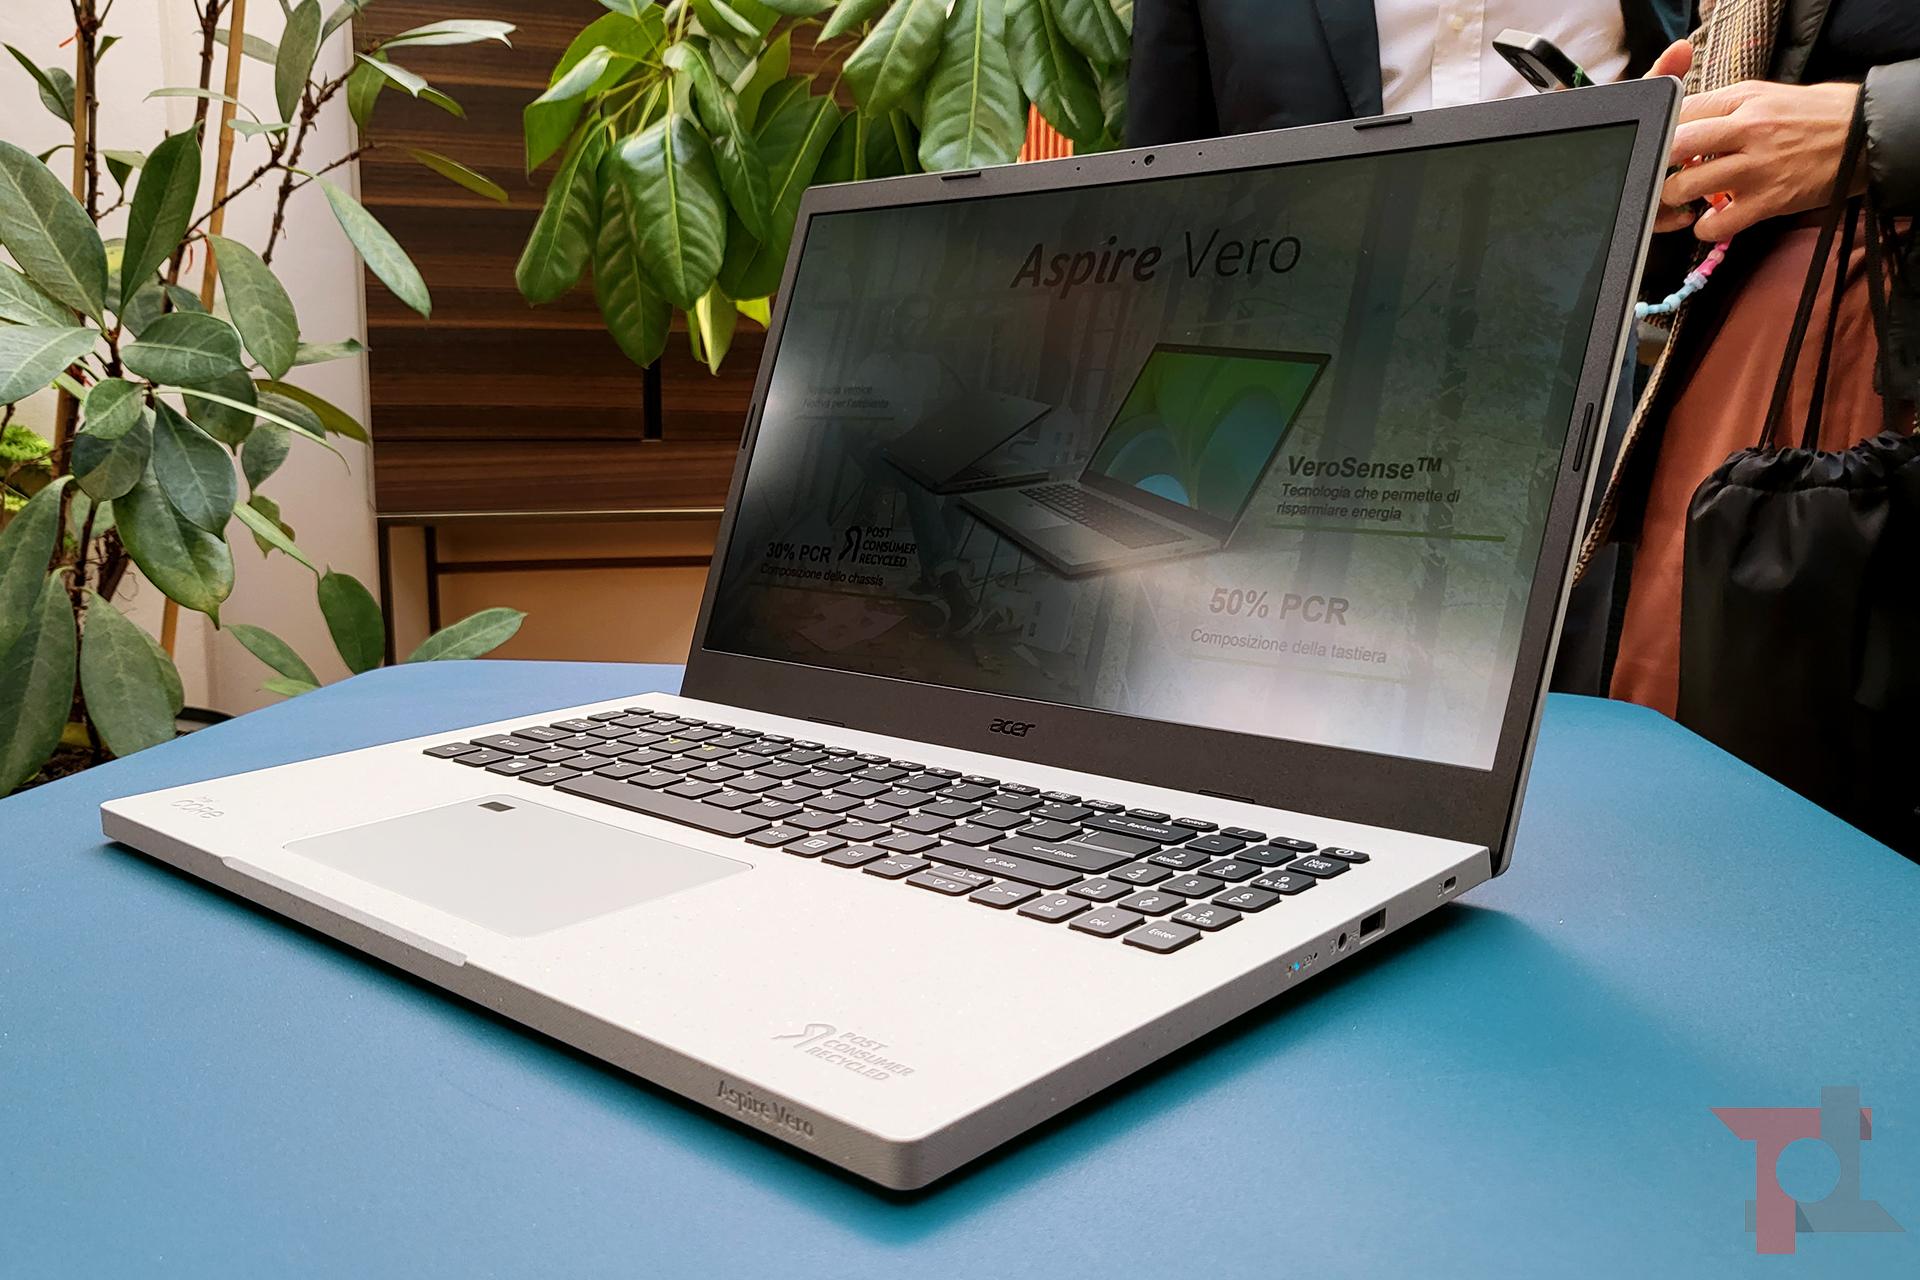 Acer presenta nuovi notebook e desktop per gamer e creator, ma non solo 10